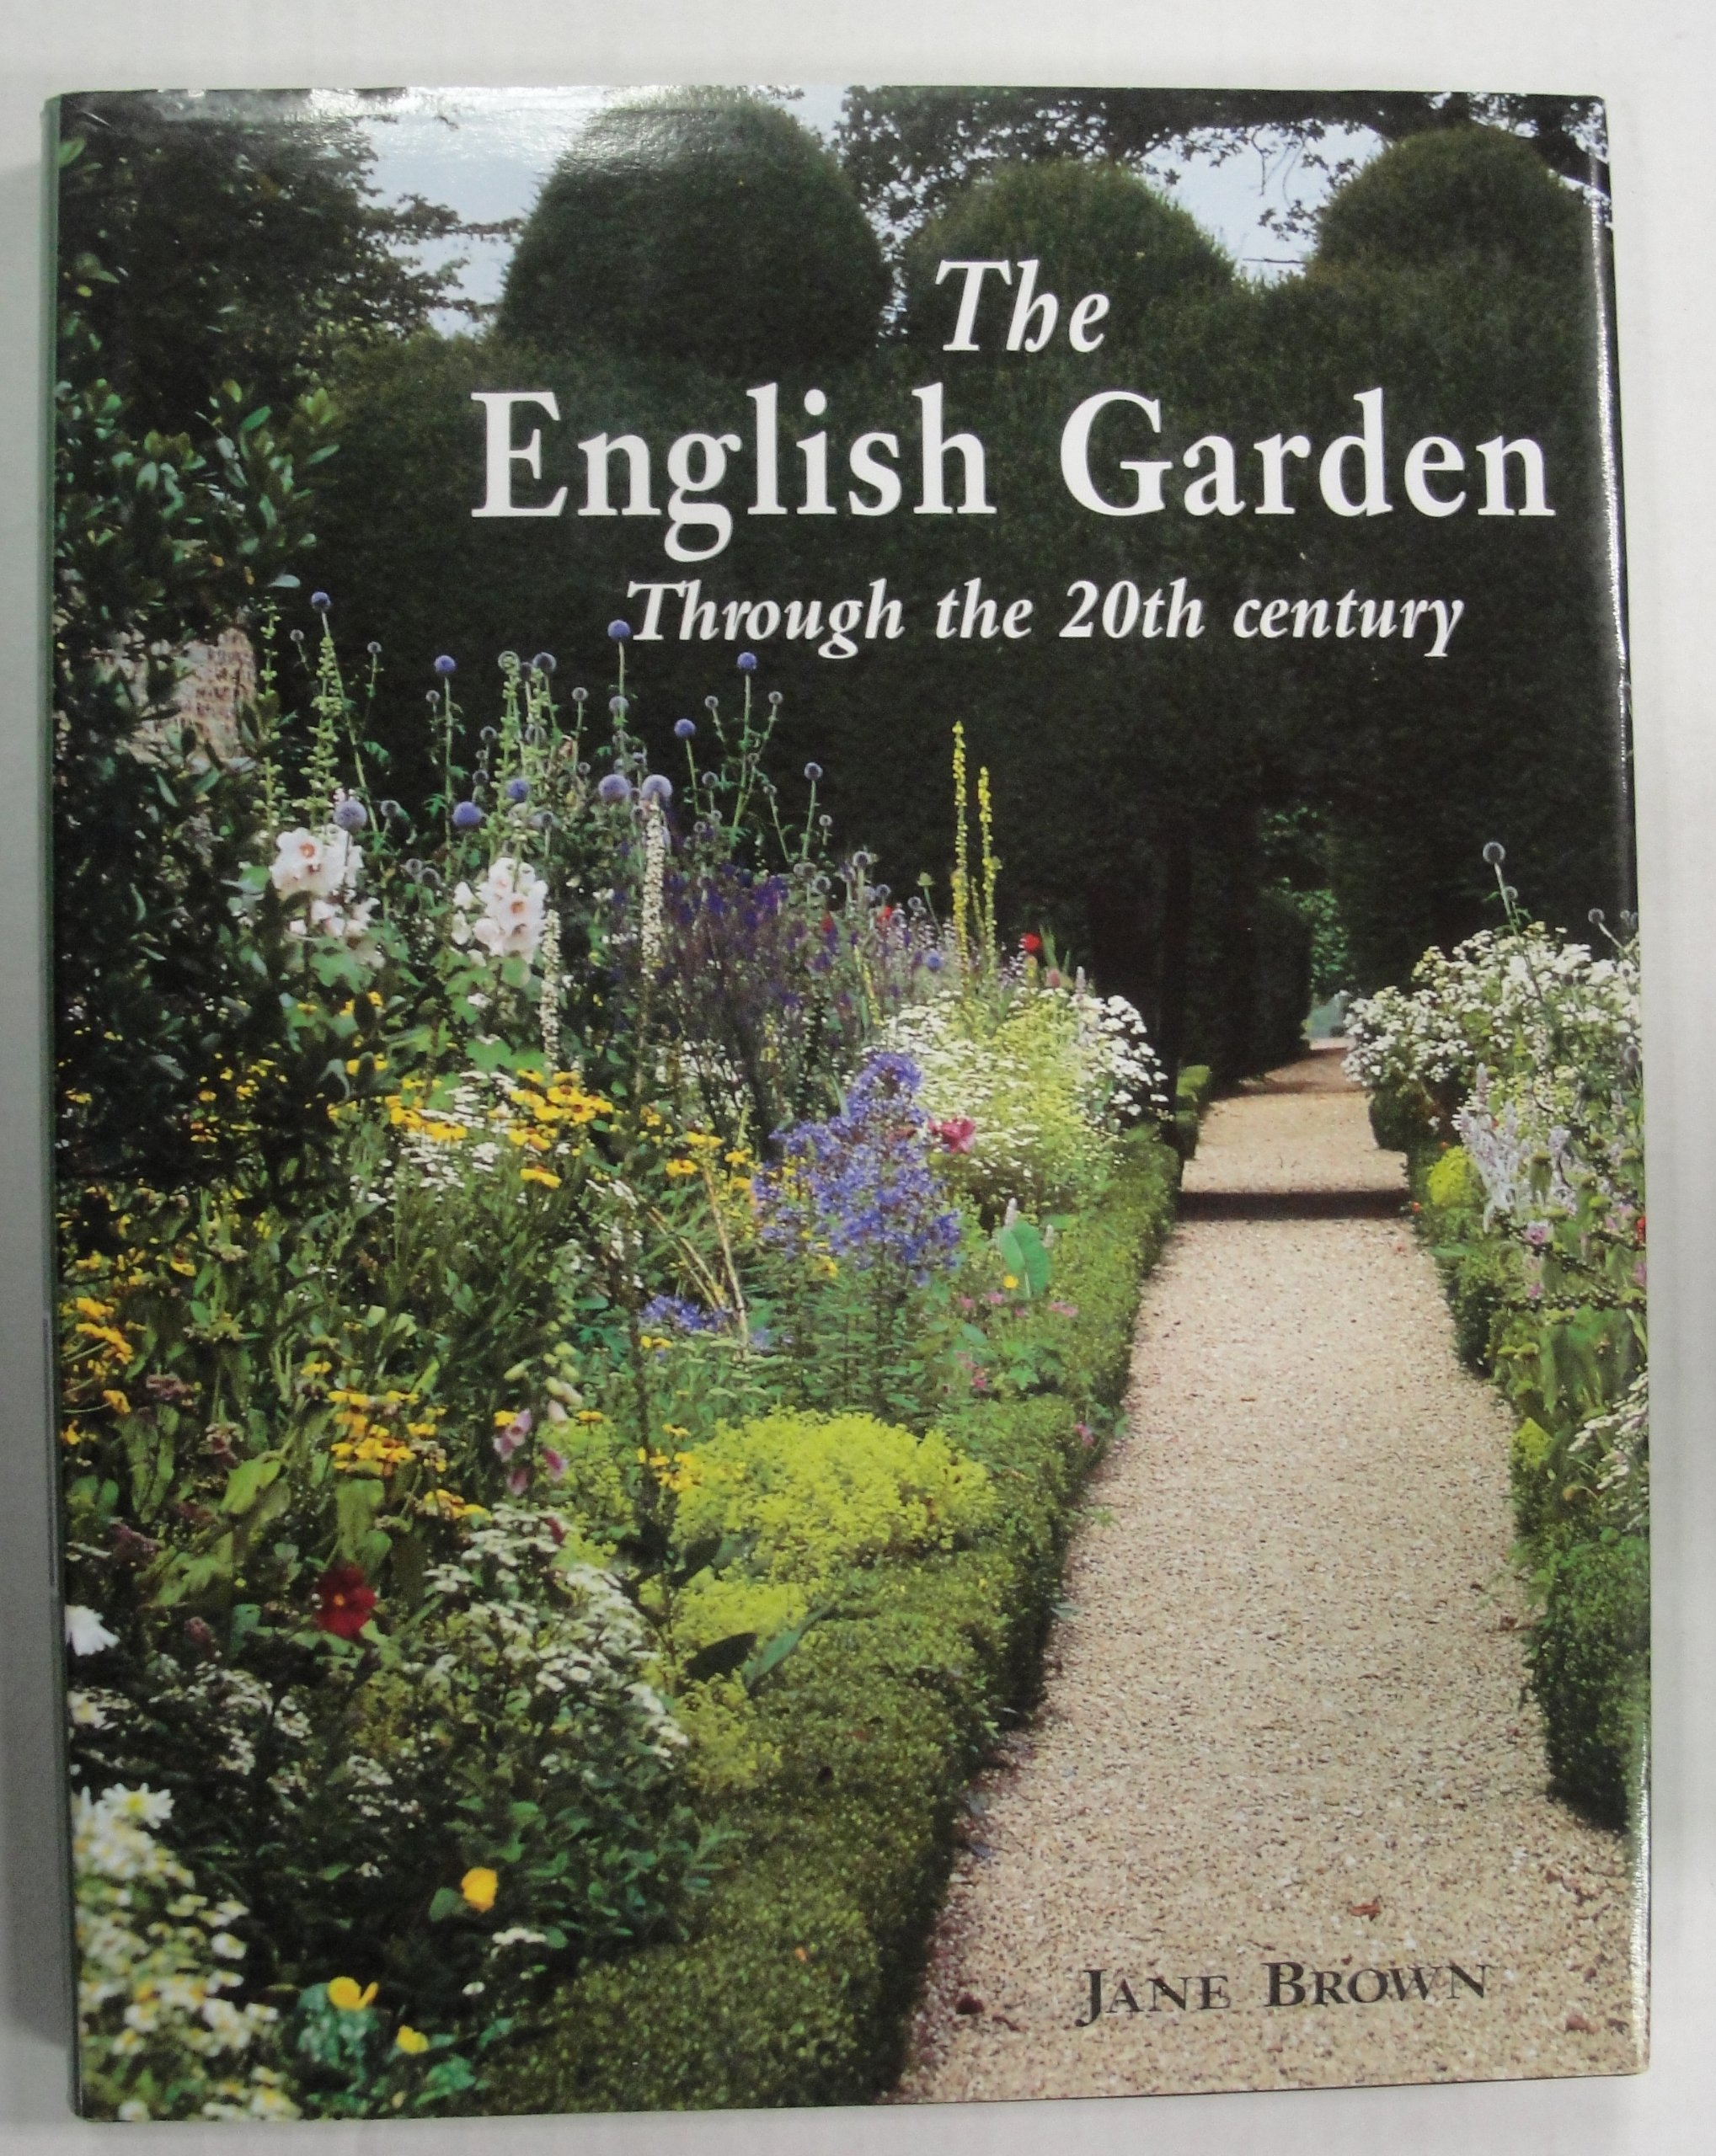 the-english-garden-through-the-20th-century-isbn-1870673298